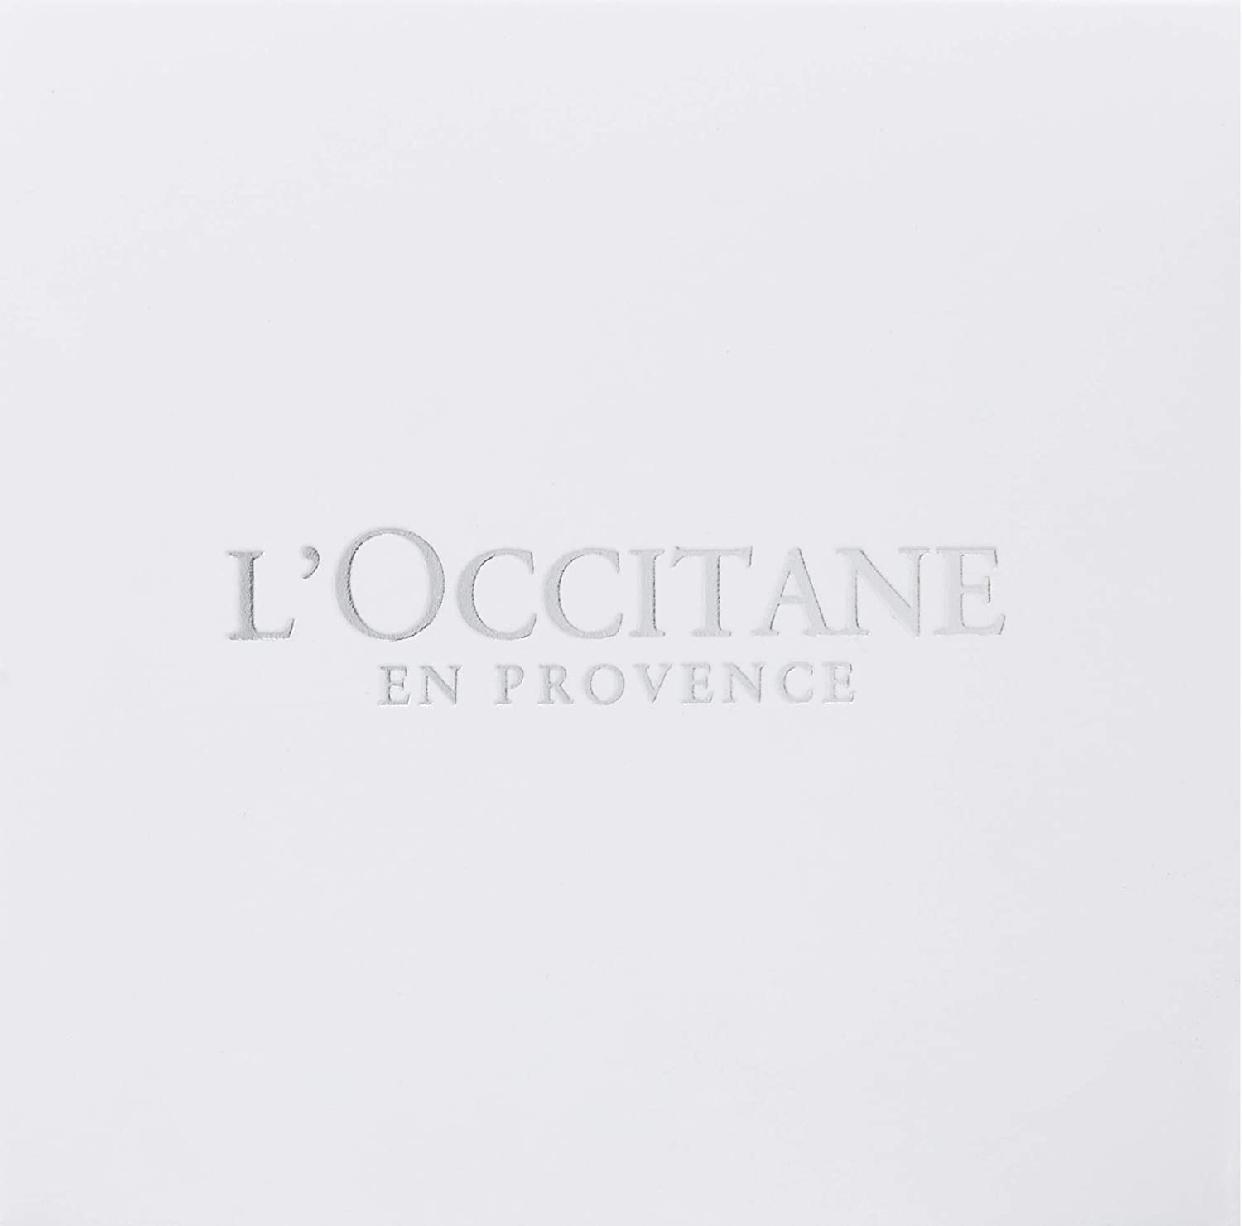 L'OCCITANE(ロクシタン)レーヌブランシュ ホワイトニングオーバーナイトケアの商品画像9